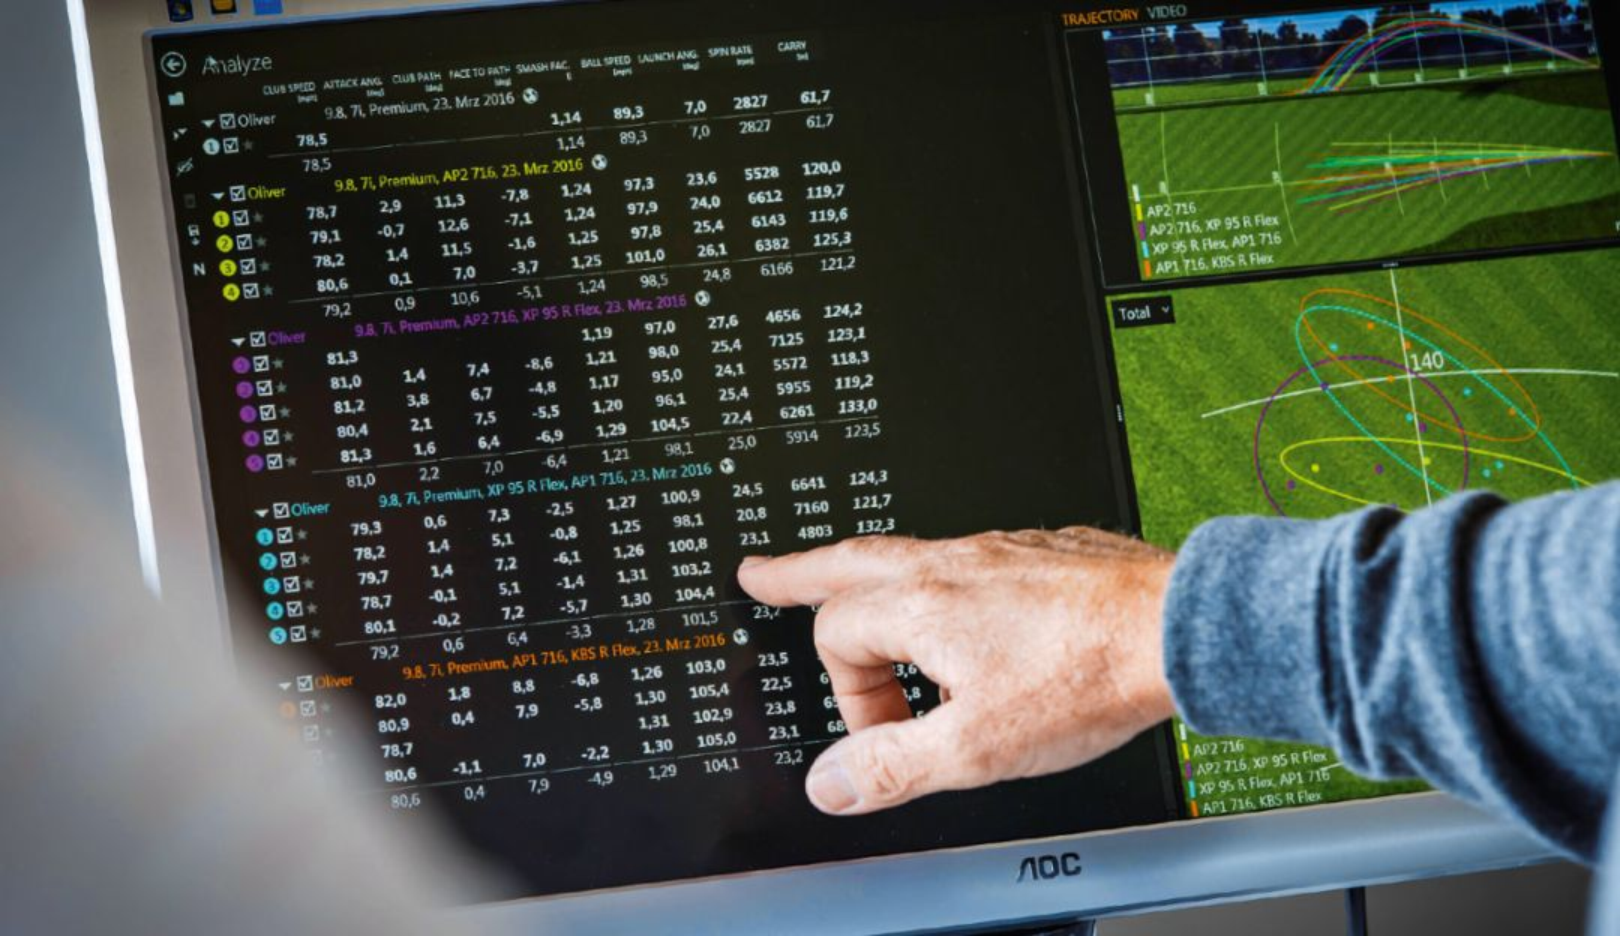 Les chiffres ne mentent pas : À l'aide d'un outil d'analyse, les golfeurs peuvent identifier les points forts et les points faibles de leur swing.